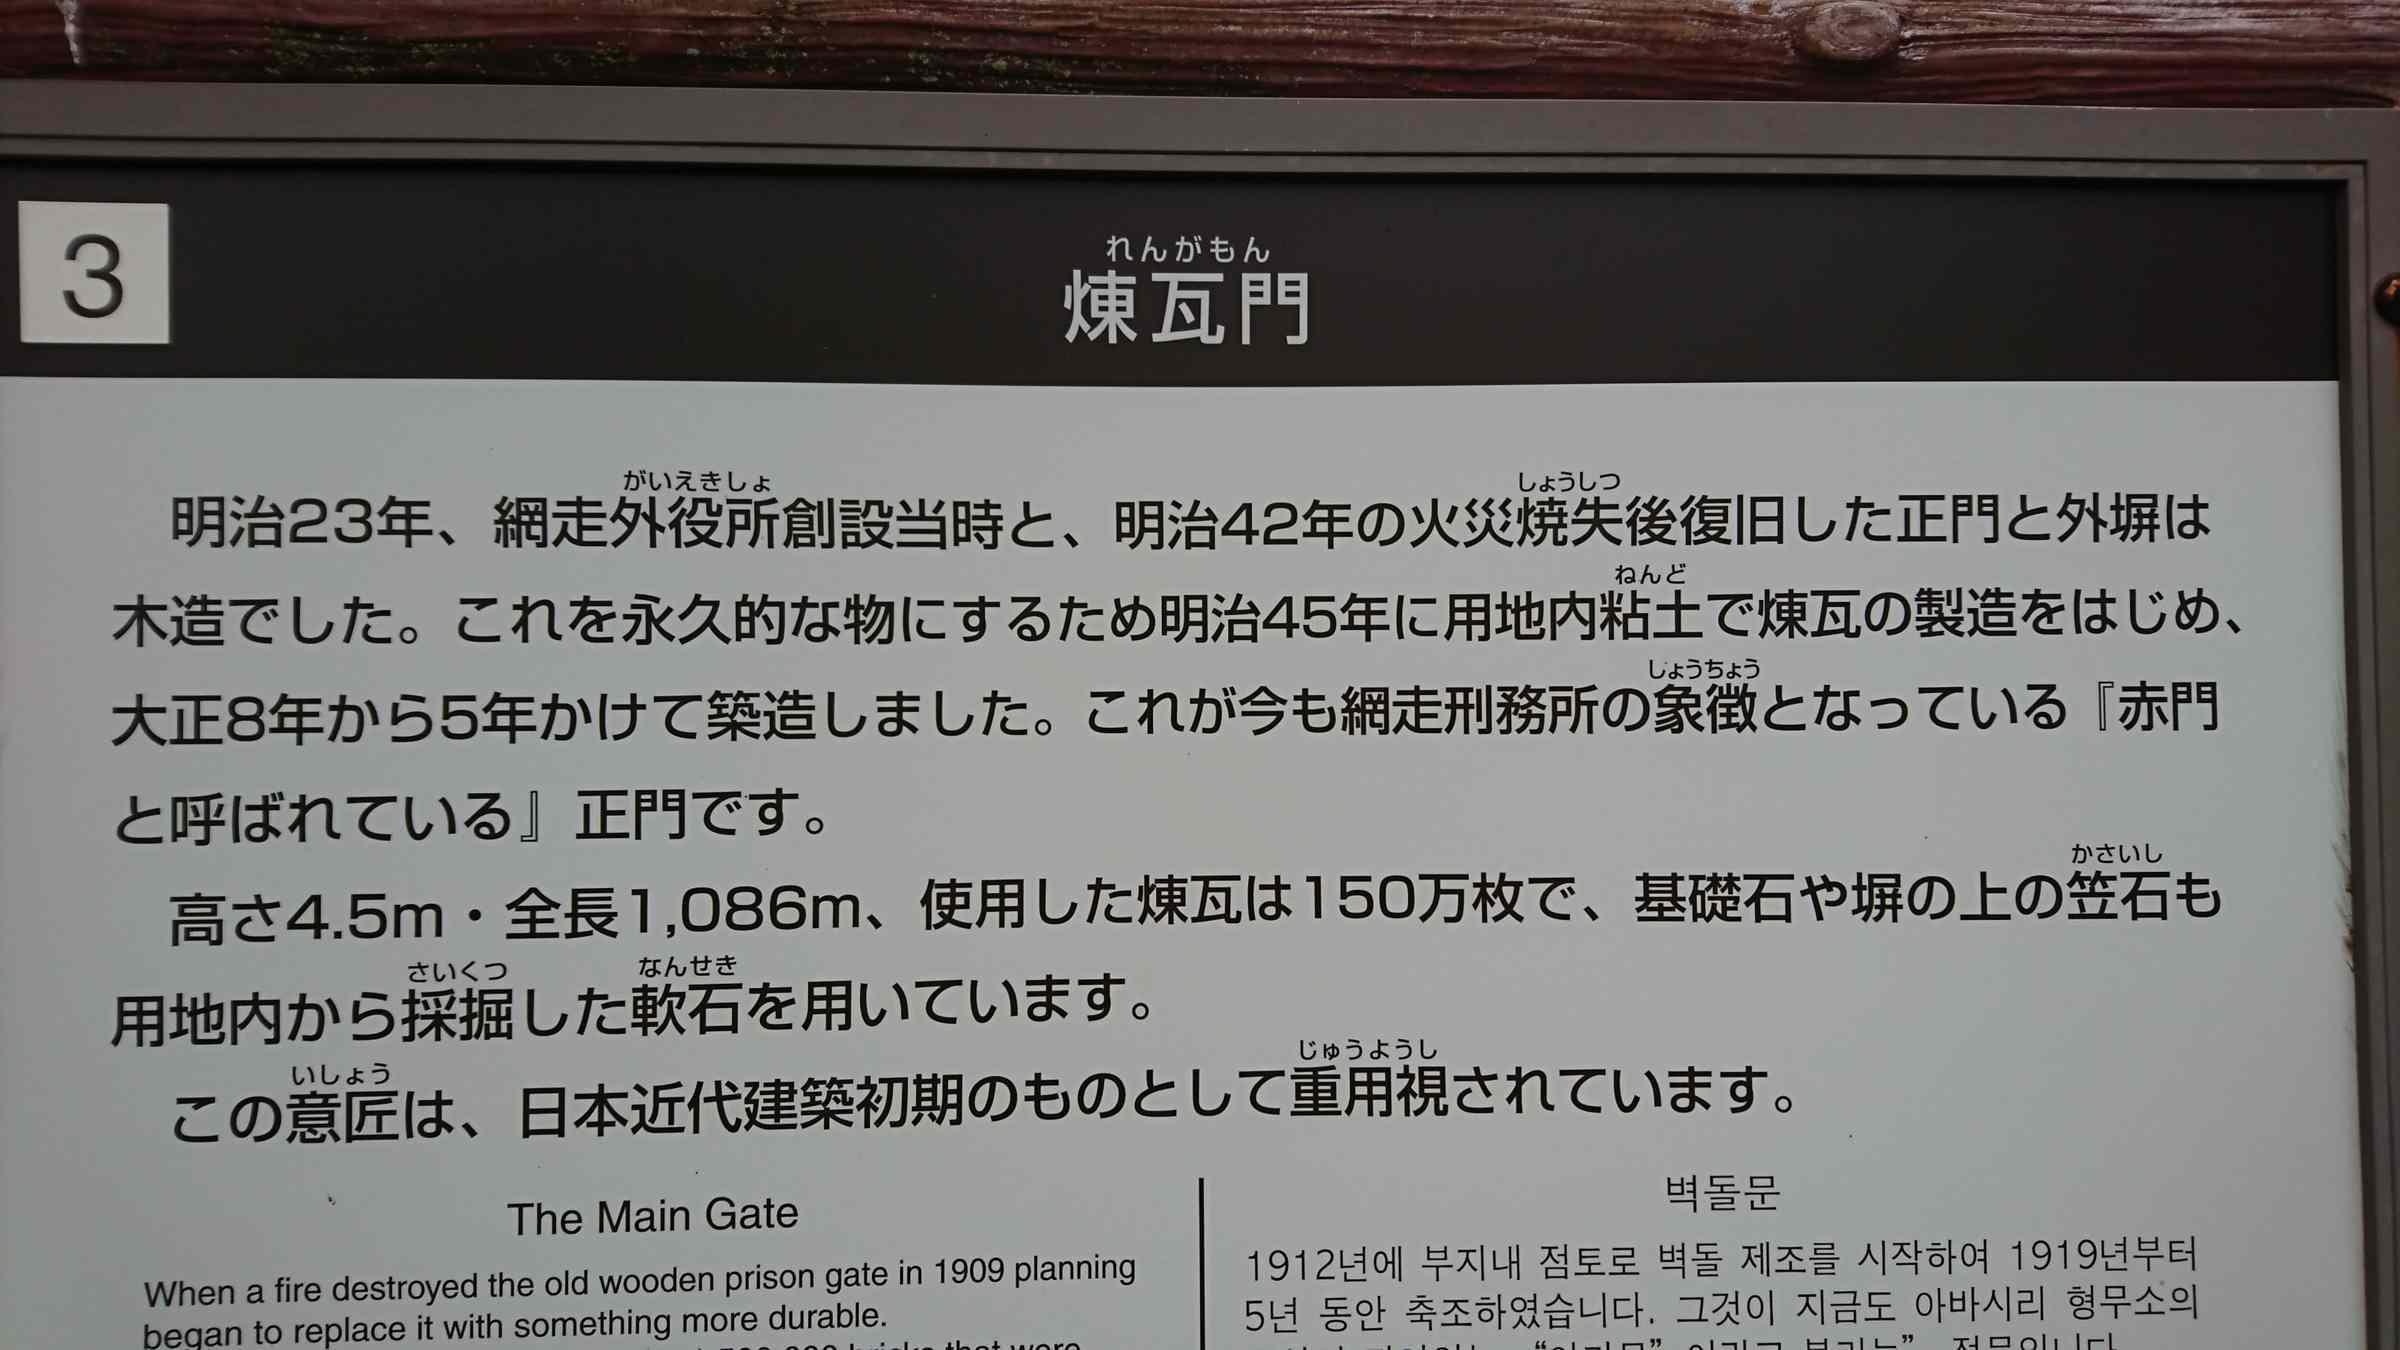 f:id:ynakayama27:20170624180851j:plain